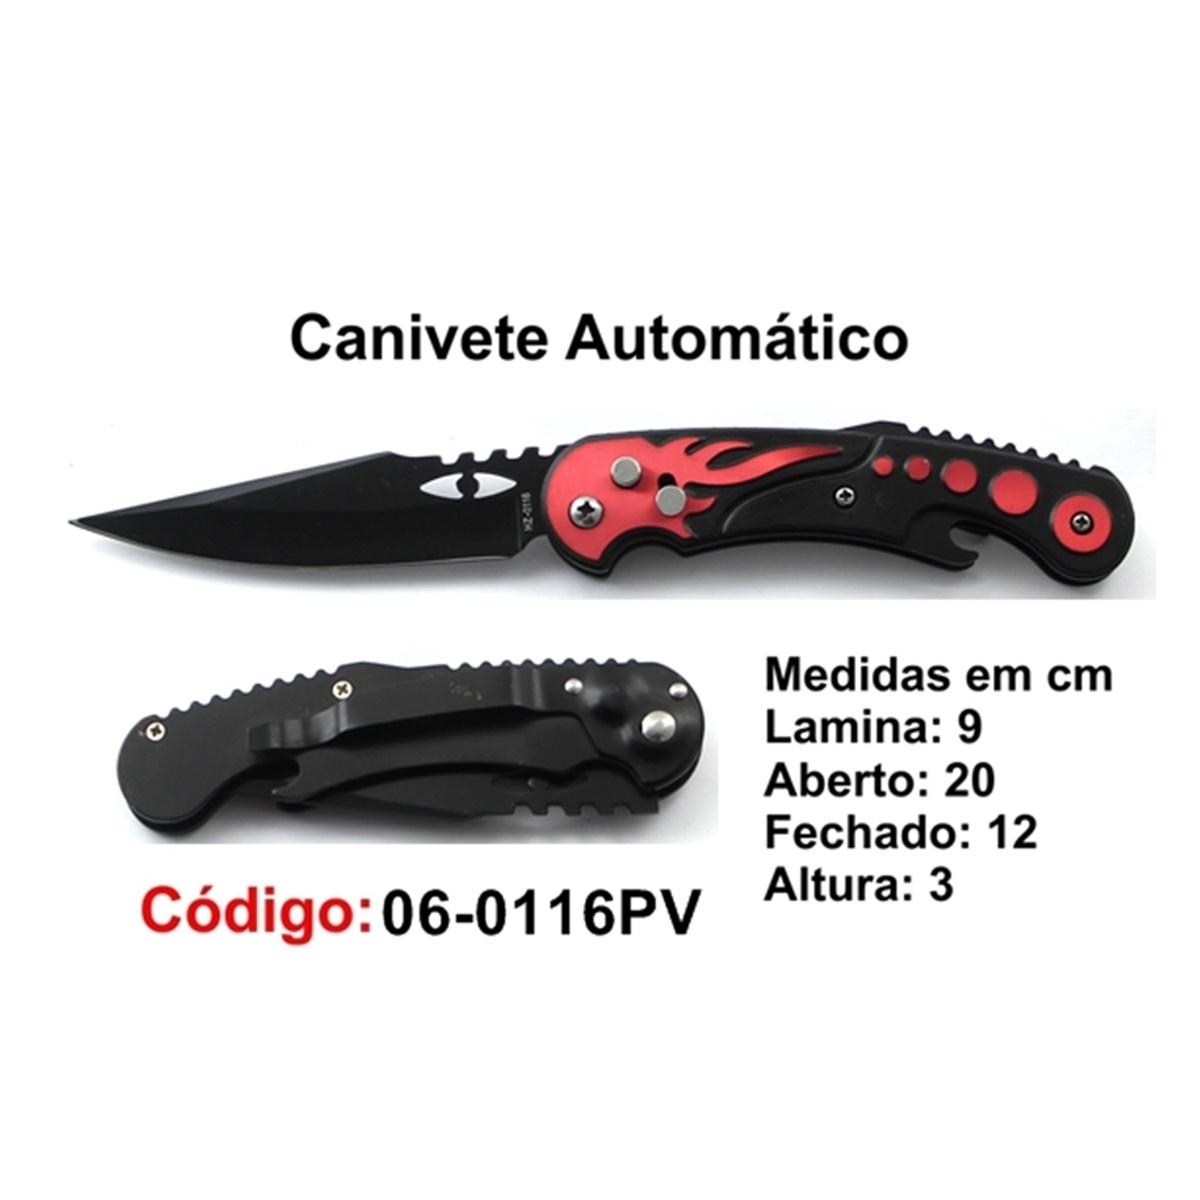 Canivete Esportivo Automático Caça Pesca Etc. 06-0116PV